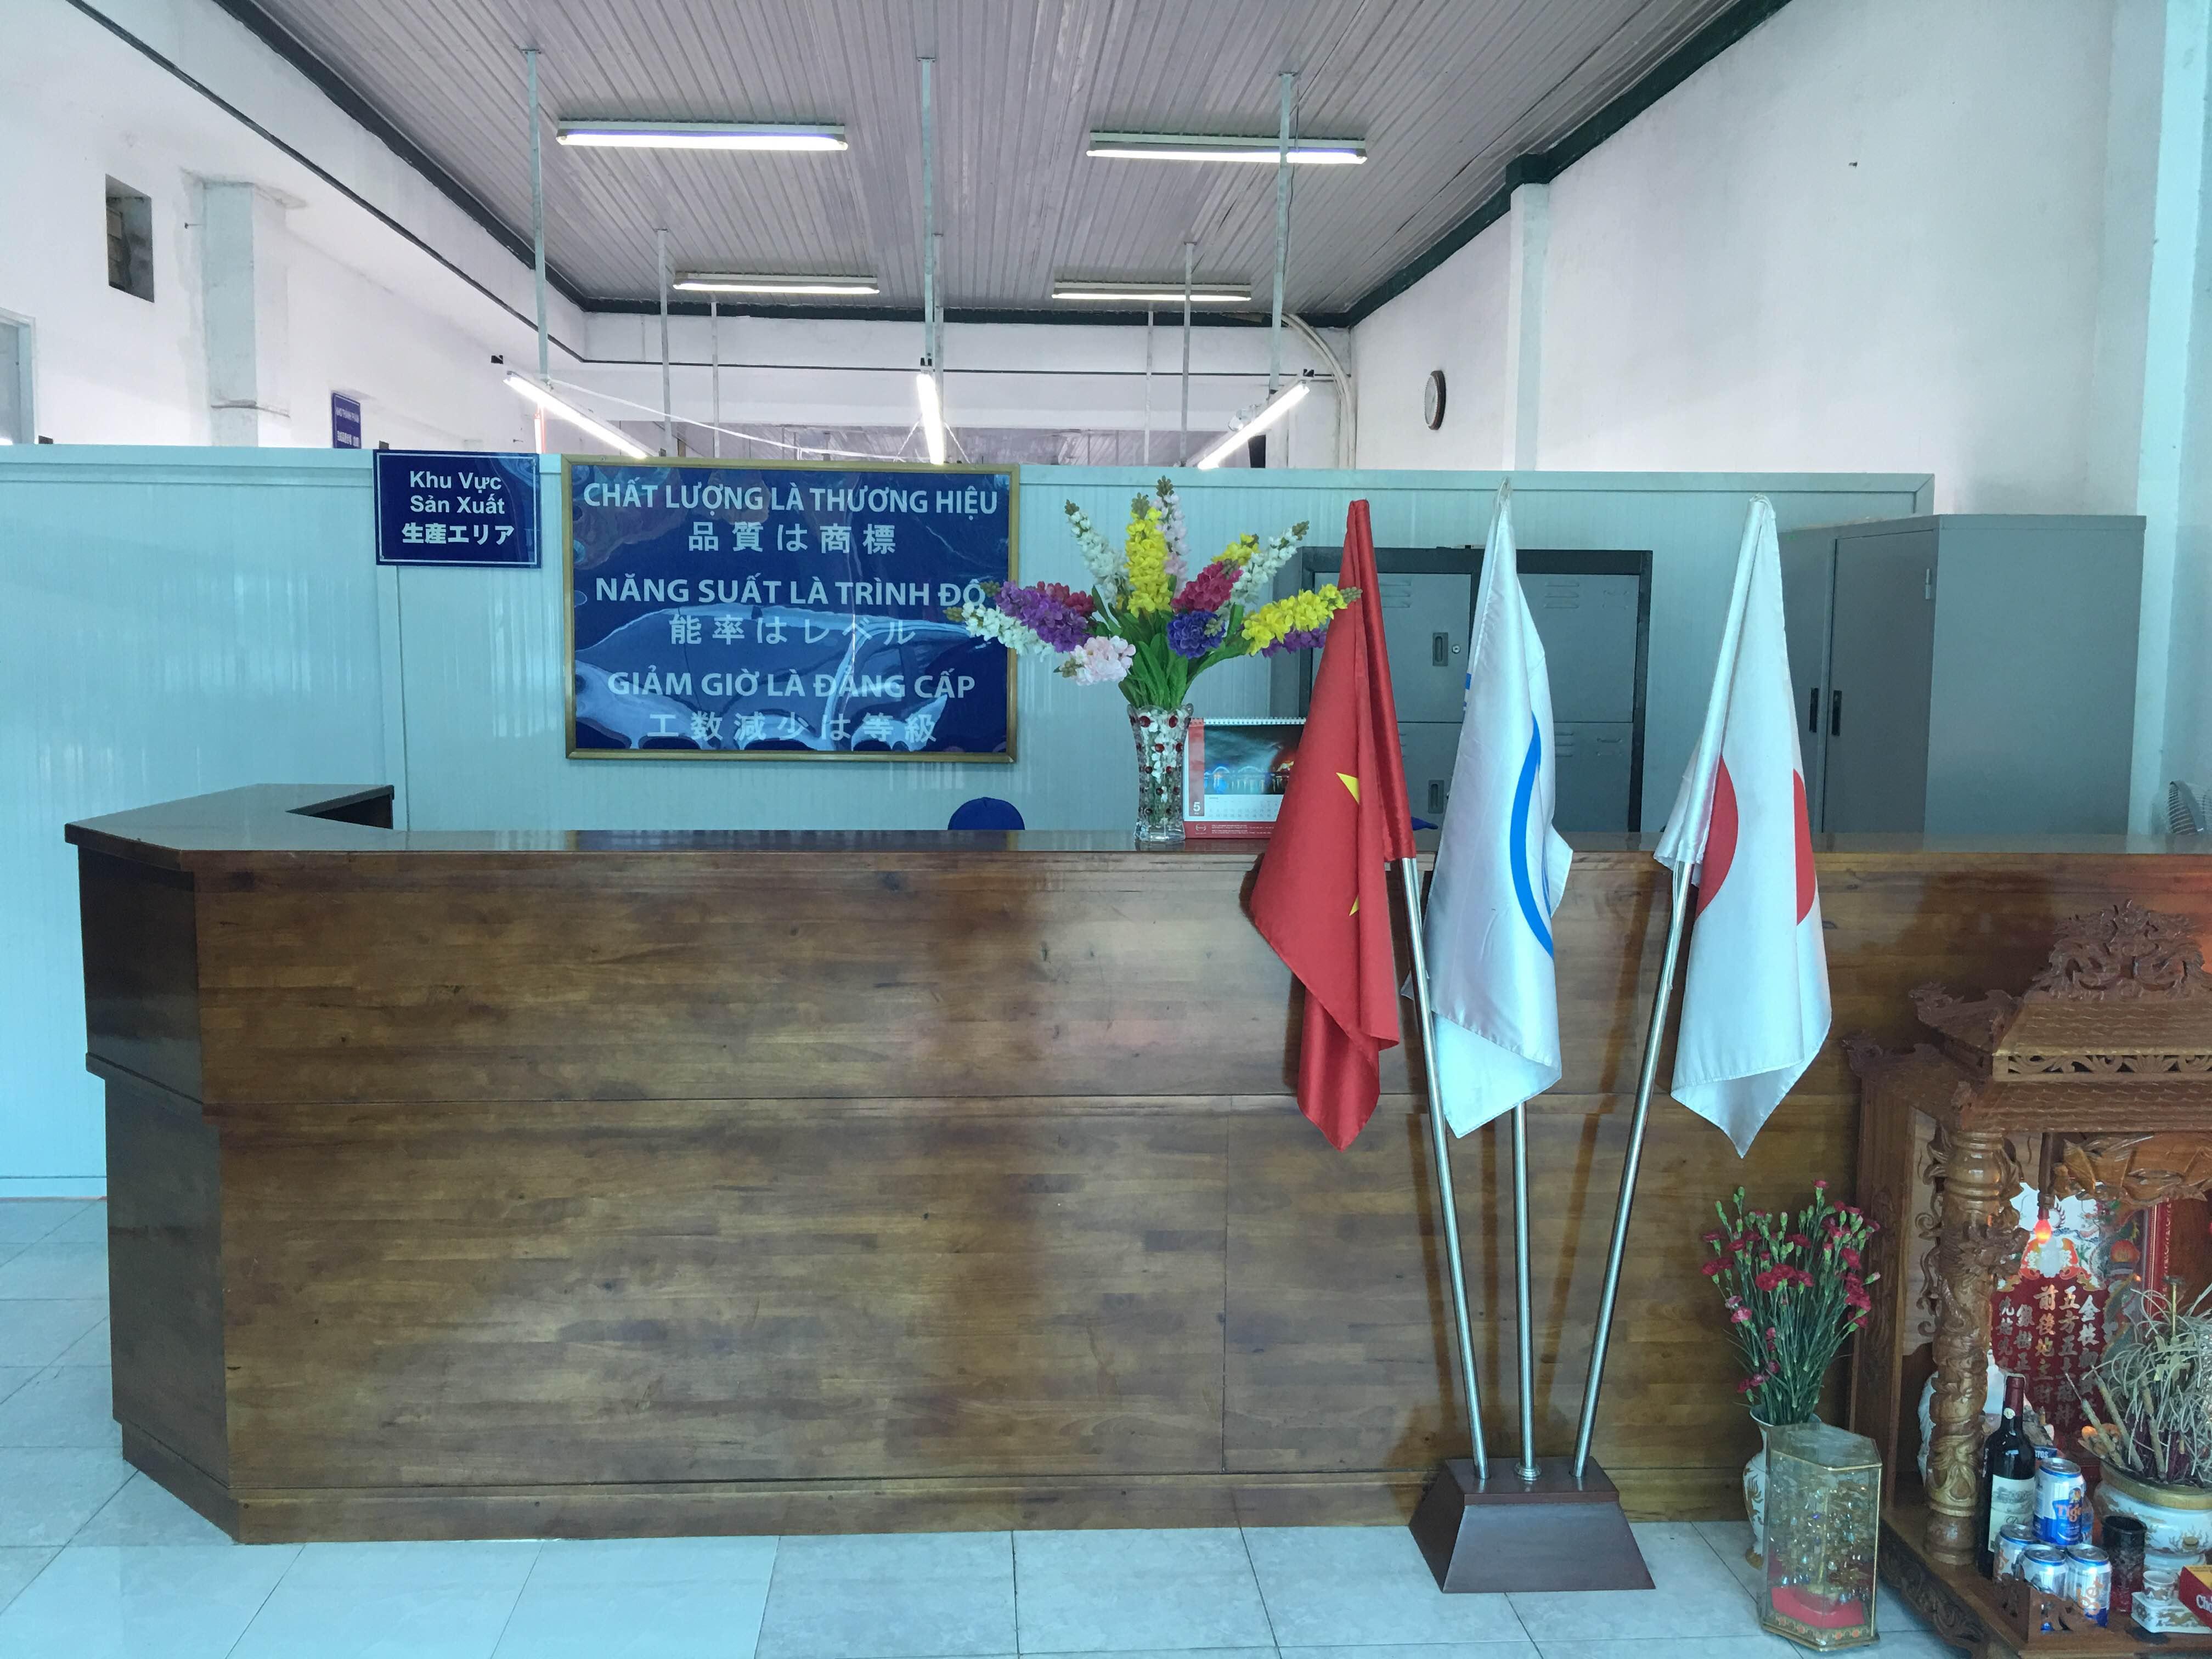 Cần sang nhượng xưởng ngành may DTSD 1000m2 Tại Trảng Dài, Biên Hòa, Đồng Nai.